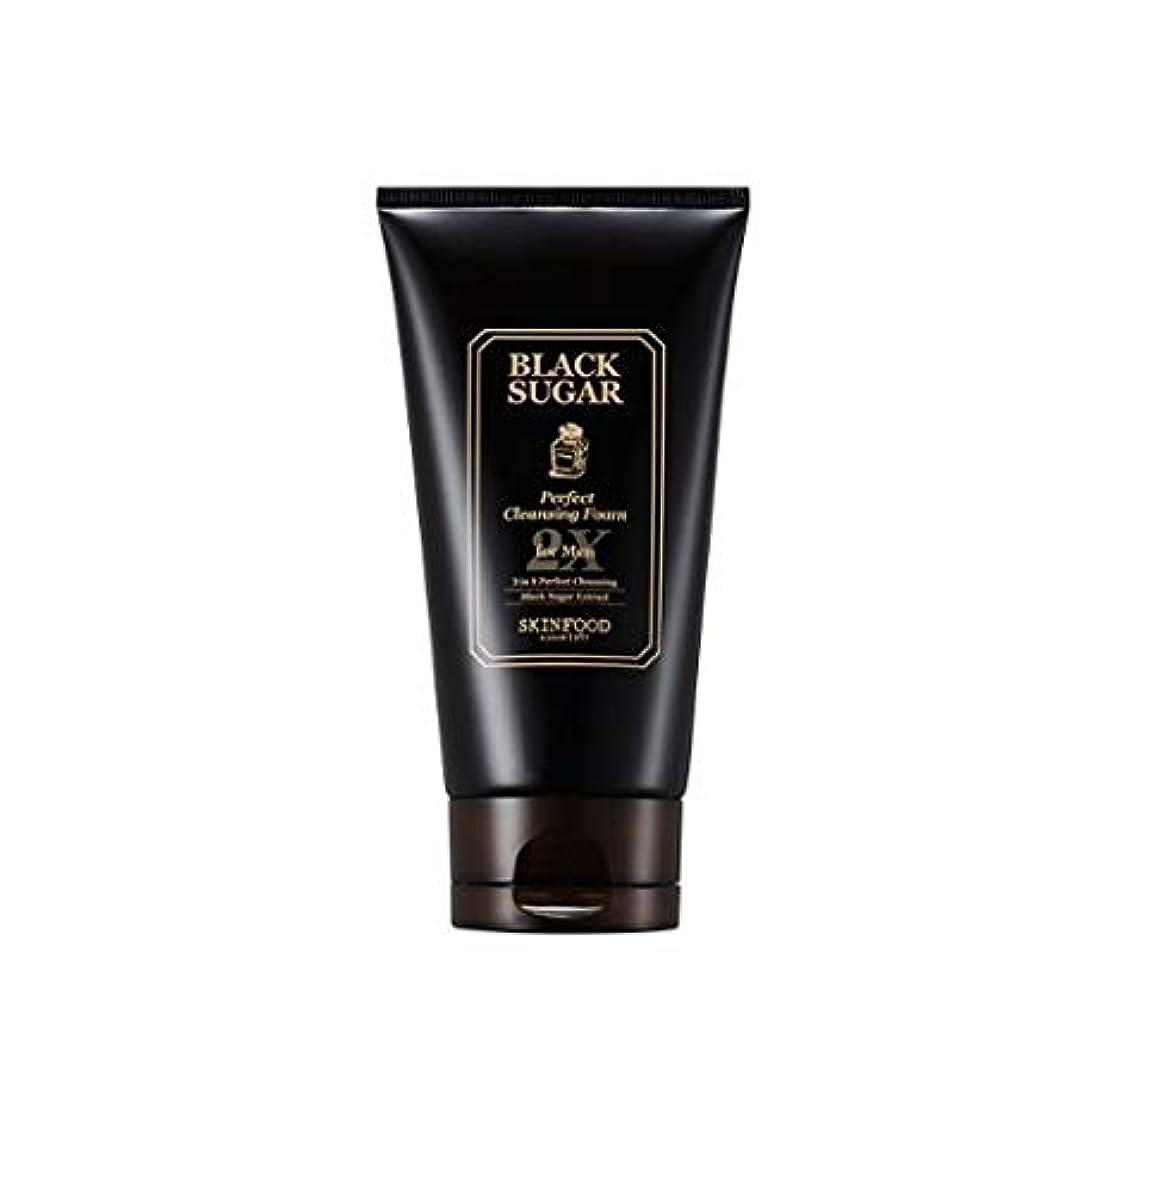 飛行機アルカイックパン屋Skinfood 男性用ブラックシュガーパーフェクトクレンジングフォーム2X / Black Sugar Perfect Cleansing Foam 2X for Men 150ml [並行輸入品]